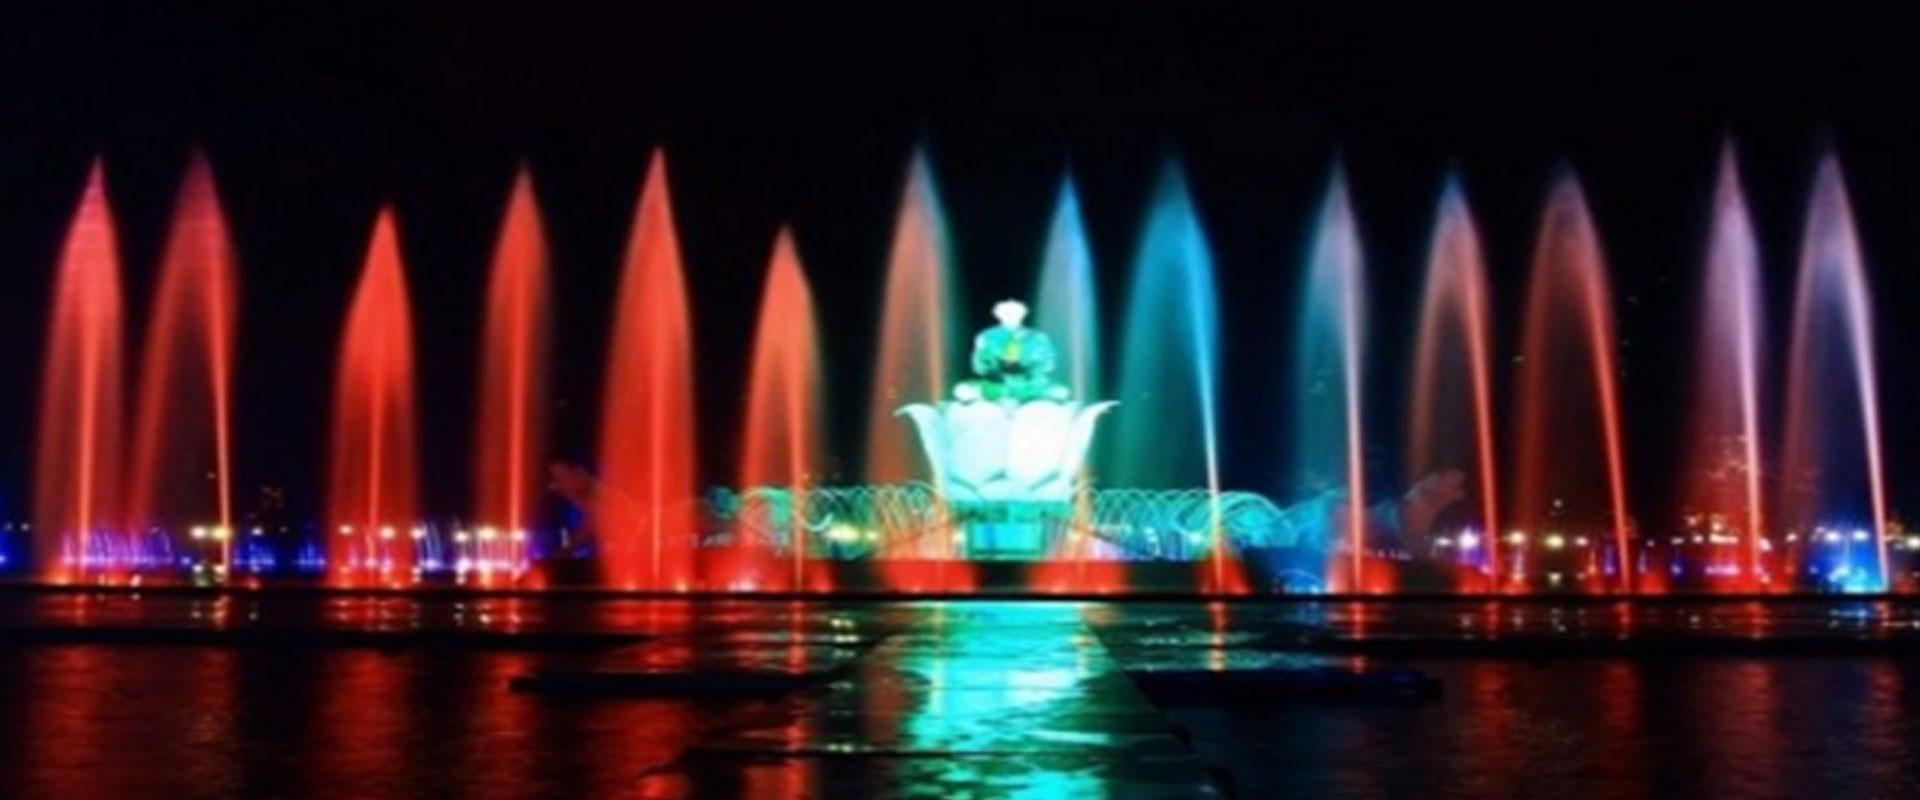 Music-Fountain2